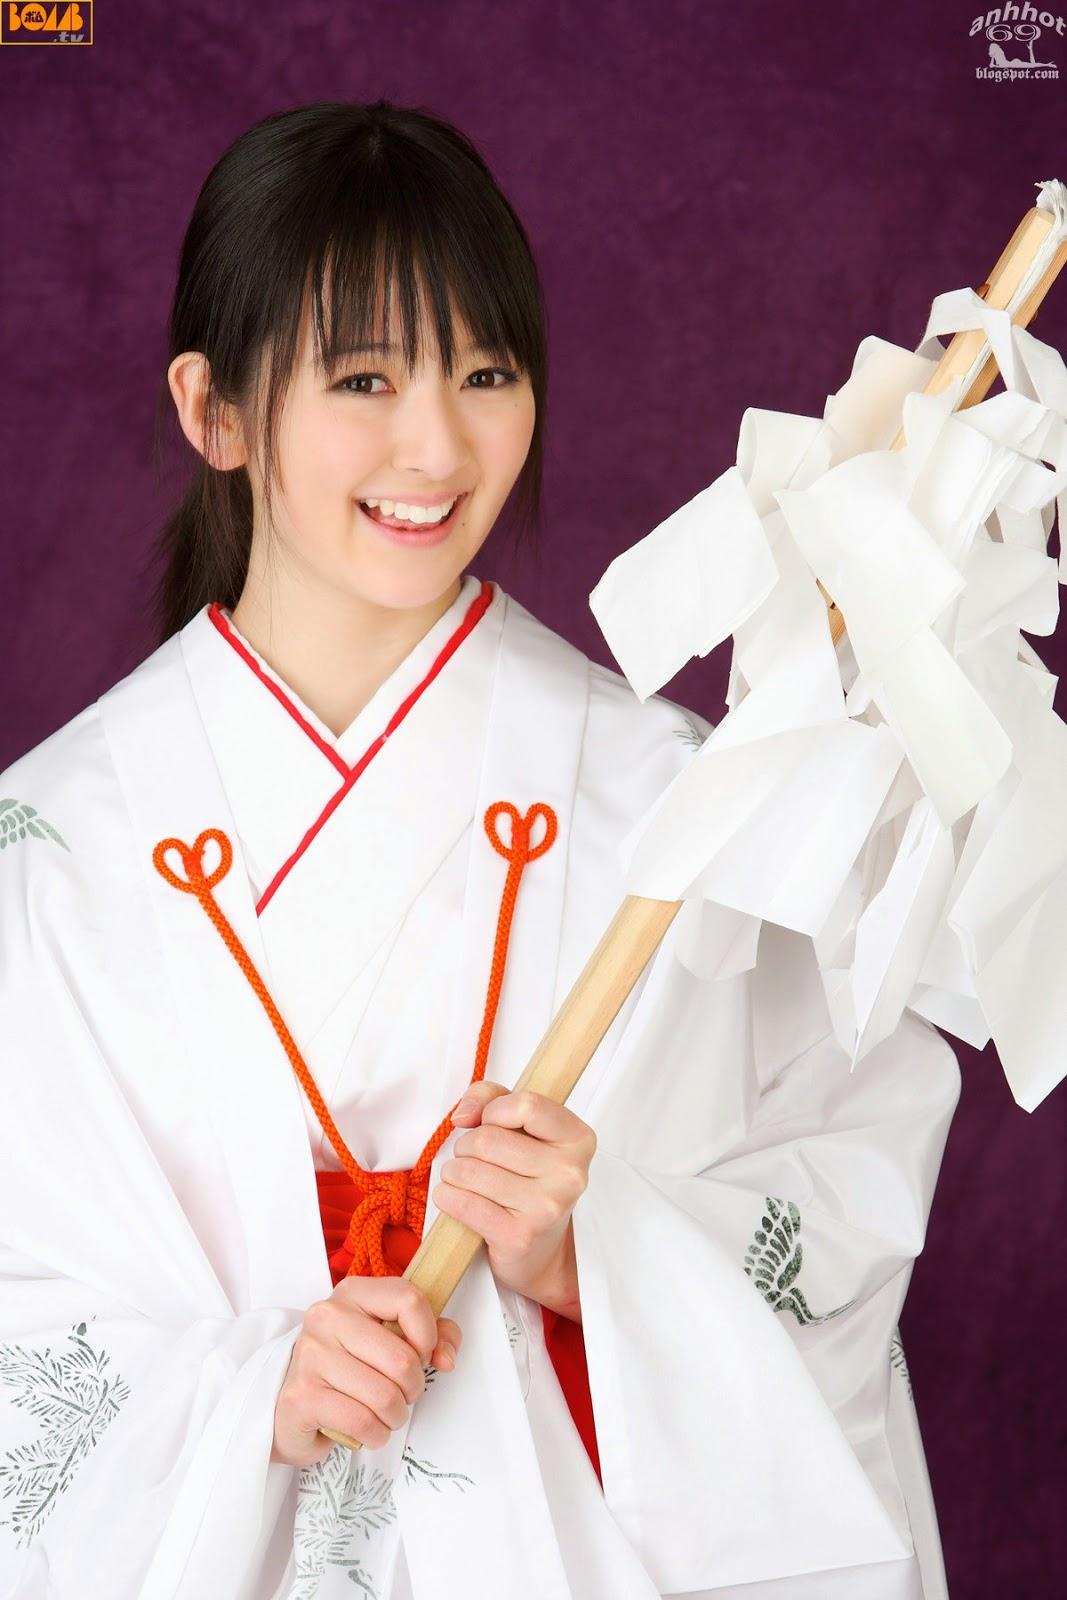 saki-takayama-01316321